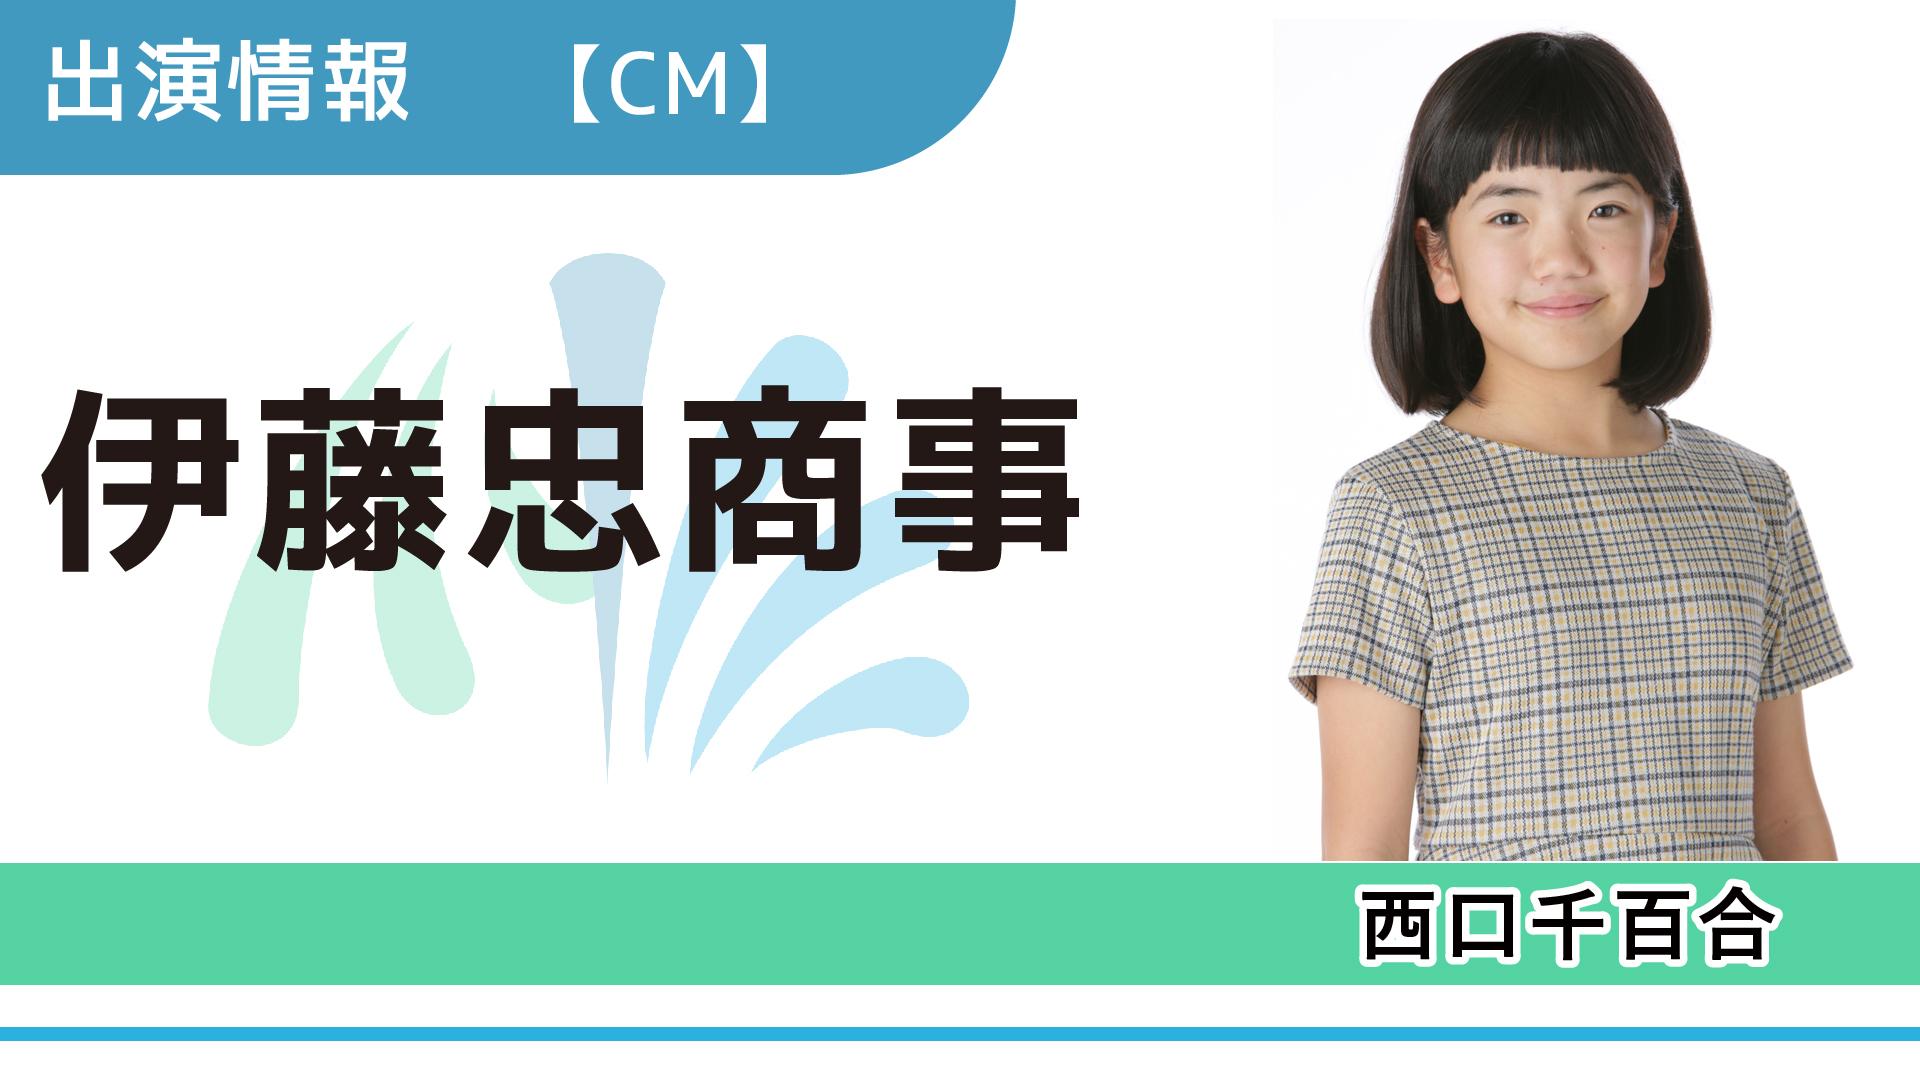 【出演情報】西口千百合 / 「伊藤忠商事」企業CM出演